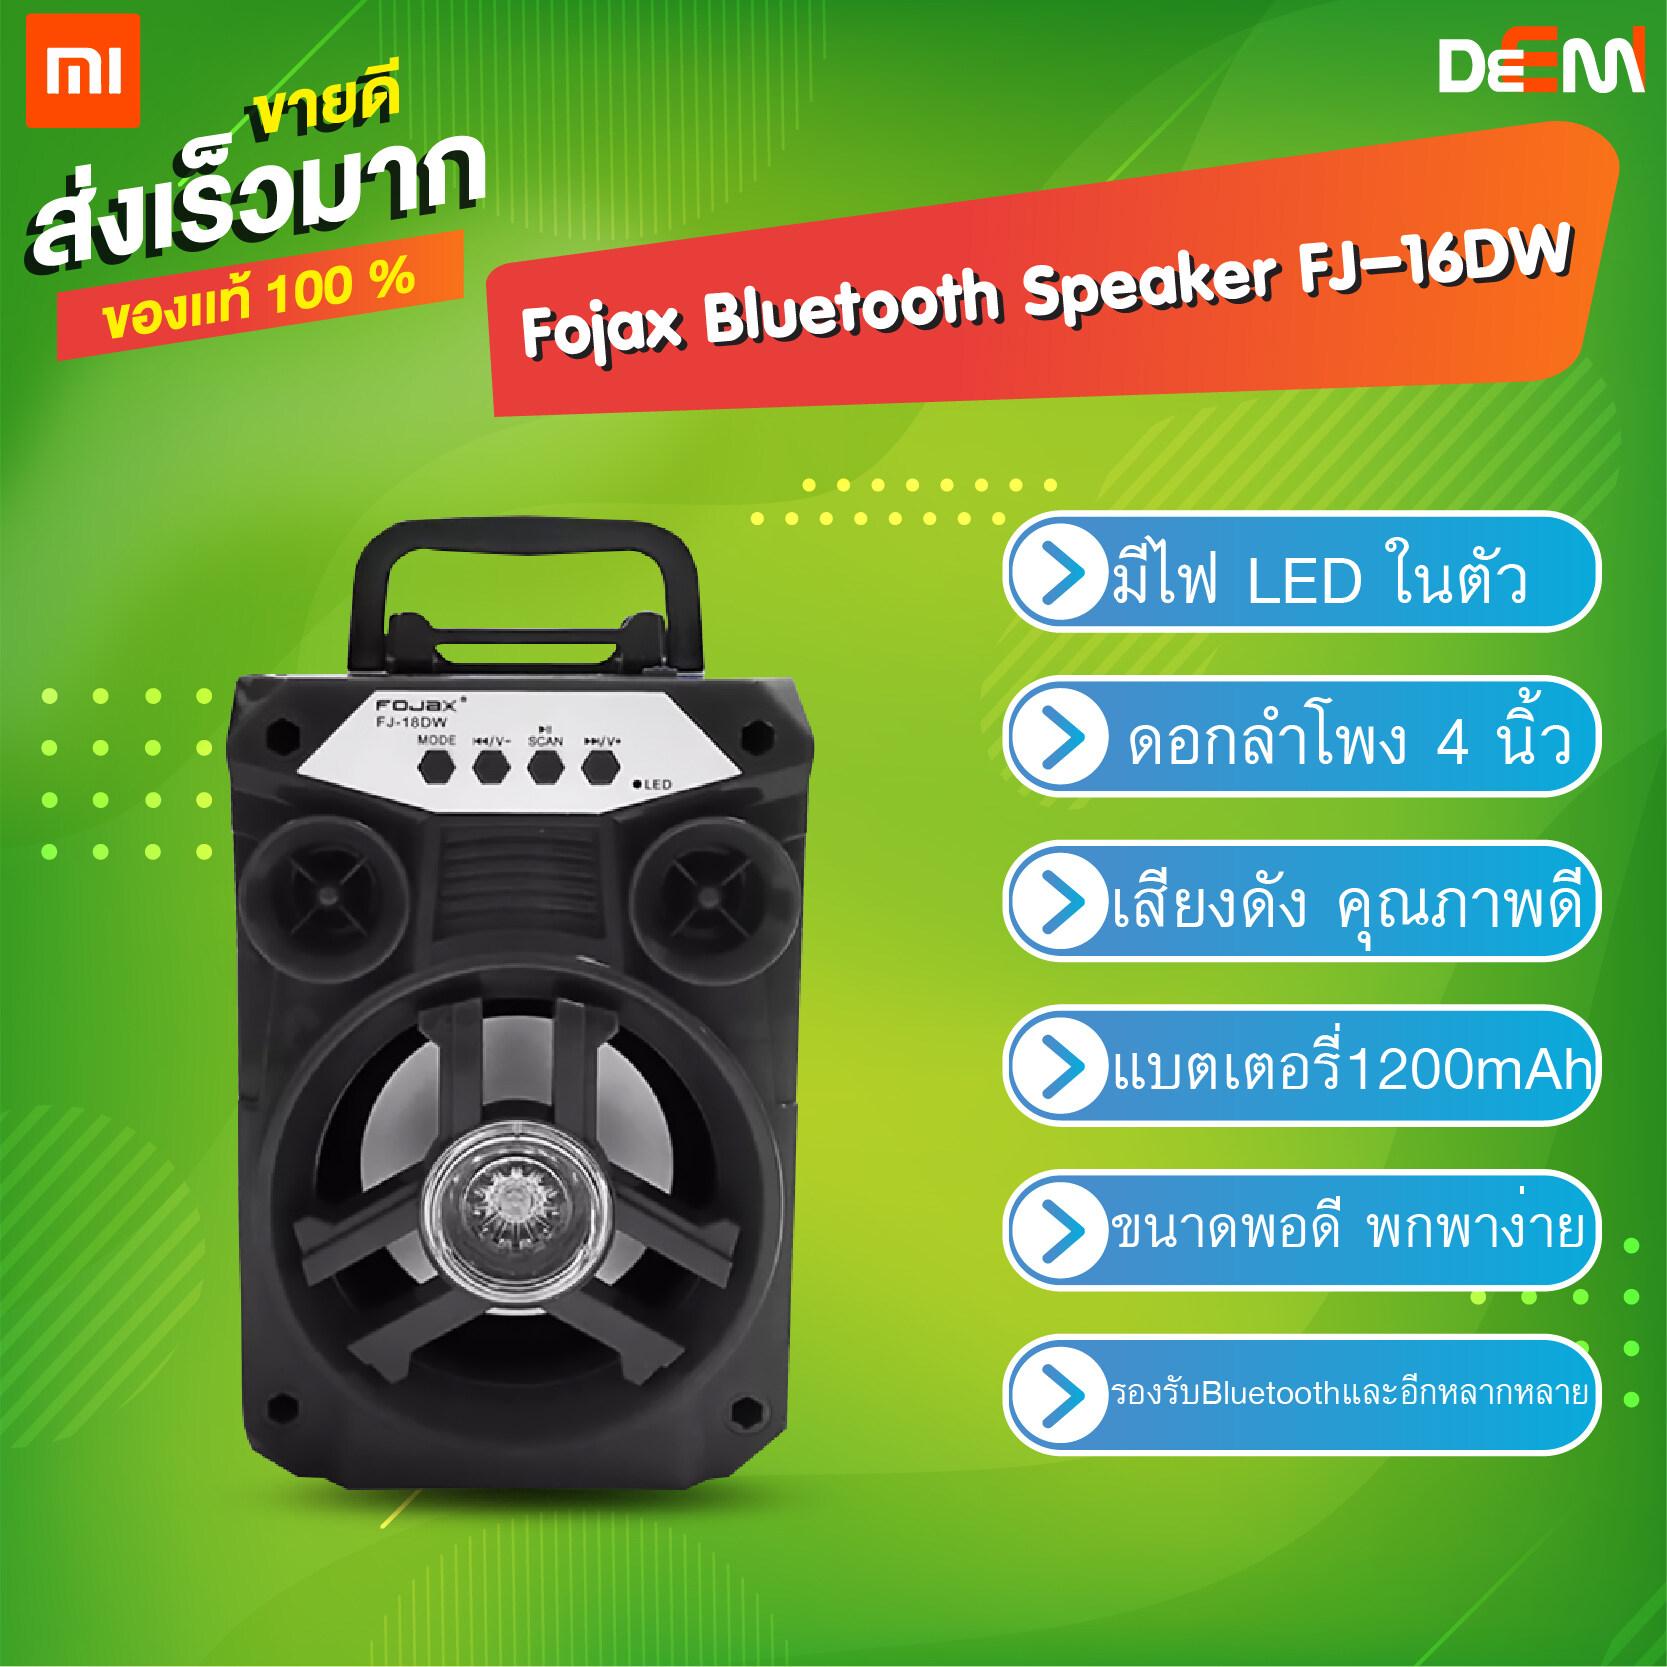 ลำโพง Bluetooth ไร้สาย, ซับวูฟเฟอร์ (รองรับไมโครโฟน, บลูทู ธ , Usb, การ์ด Tf, วิทยุ) ลำโพง Bluetooth พกพา, ไฟ Led สีสันสดใส ลำโพงบลูทู ธ Bluetooth Speaker ลำโพงบลูทูธ.